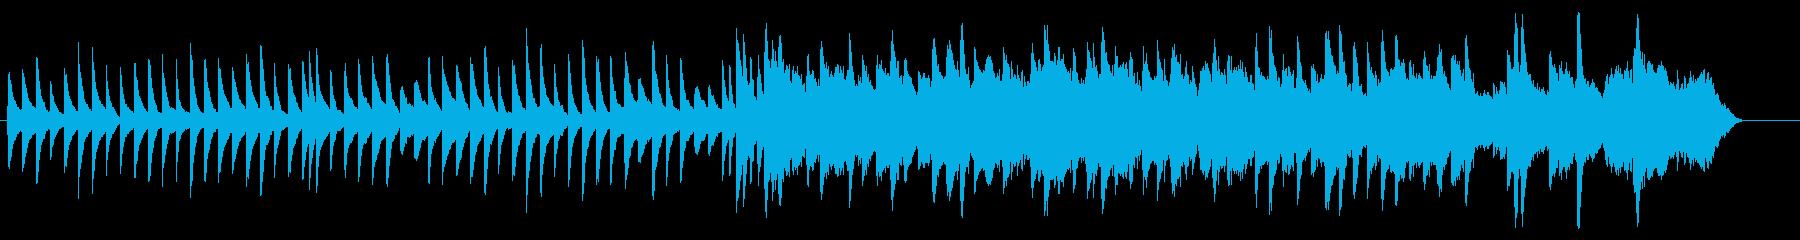 切ない感じのピアノの再生済みの波形